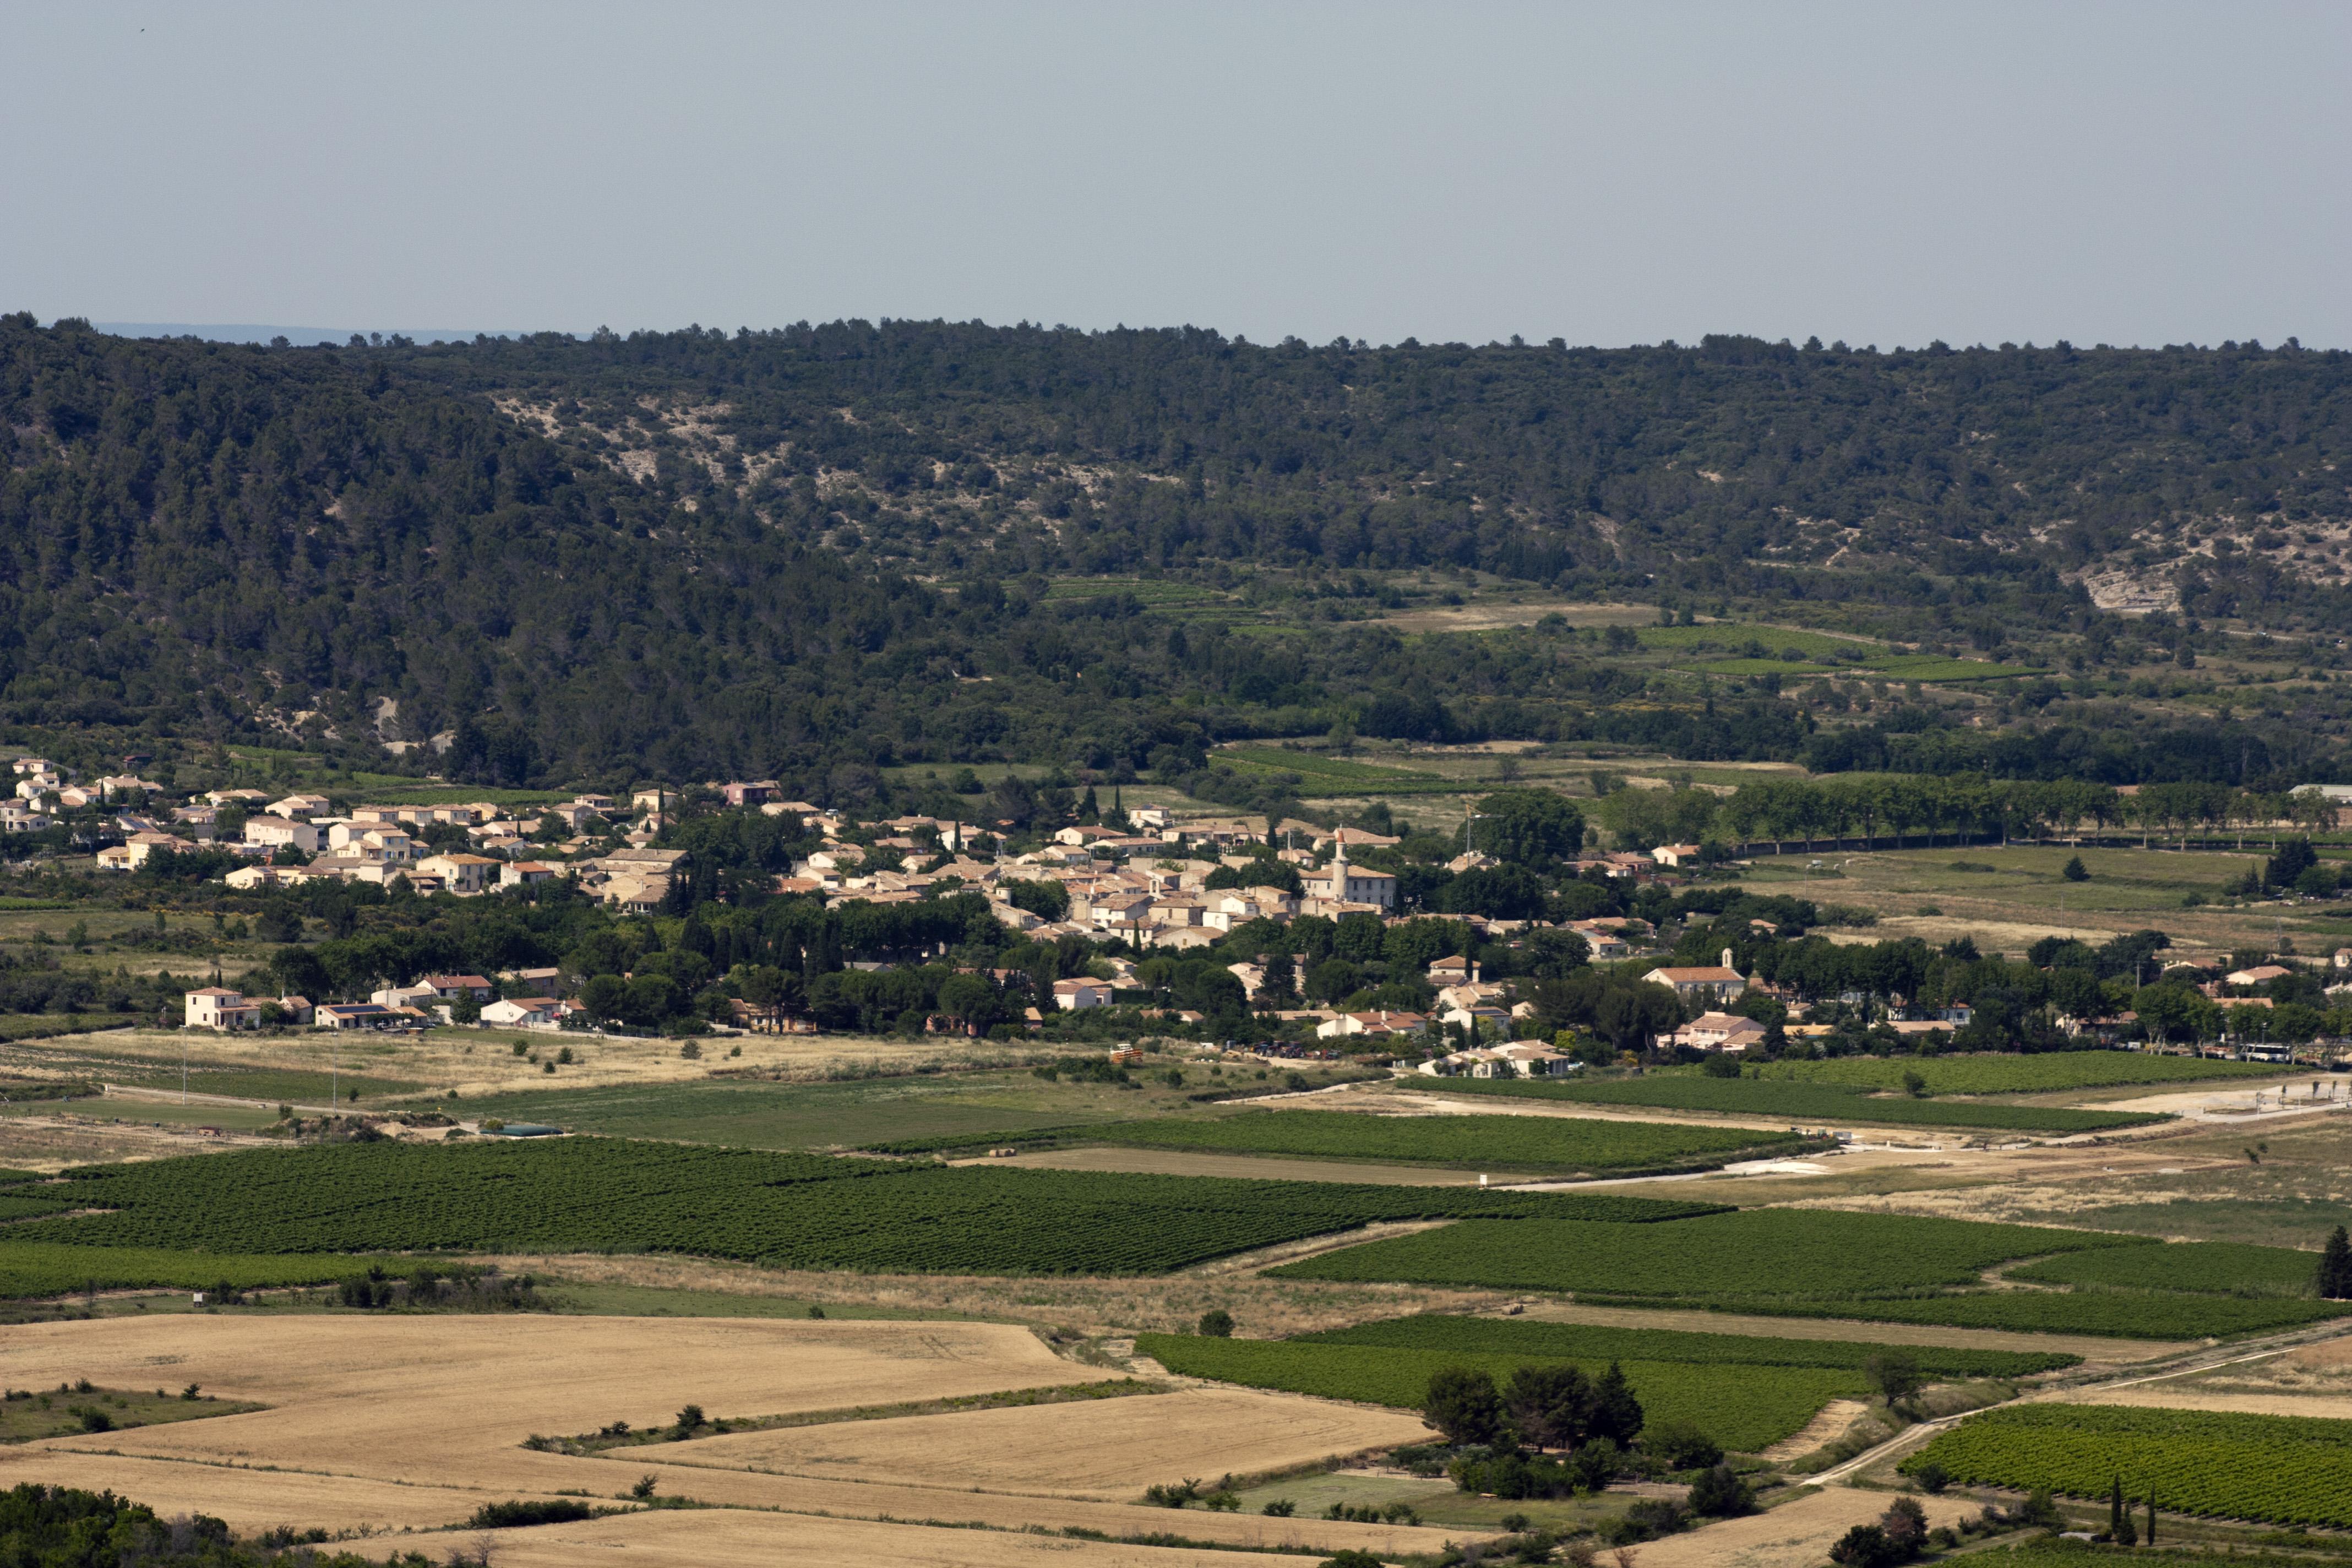 Saint-Côme-et-Maruéjols